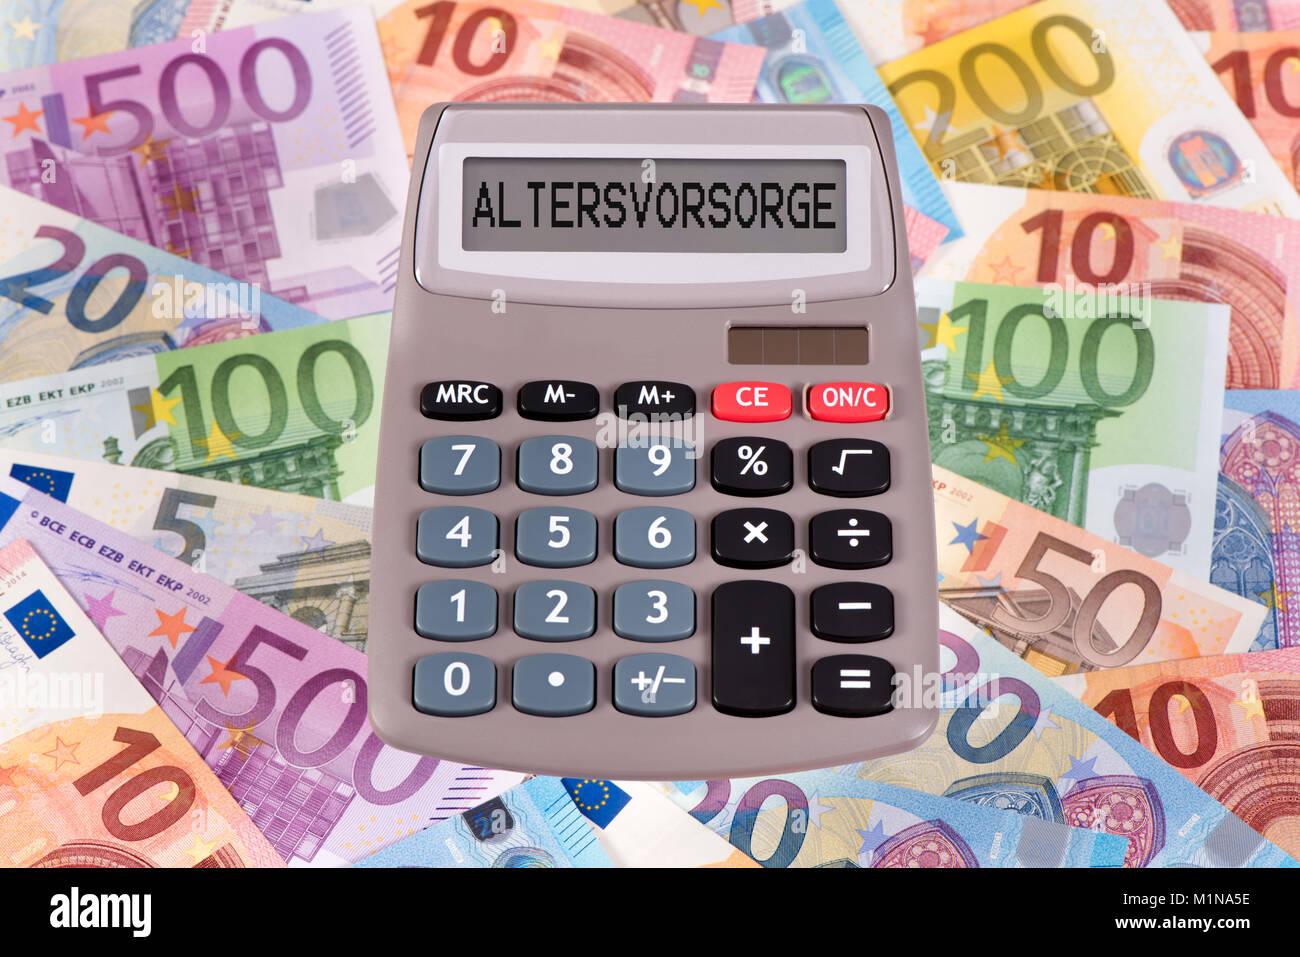 Viele Geldscheine mit Taschenrechner als Altersvorsorge Stock Photo